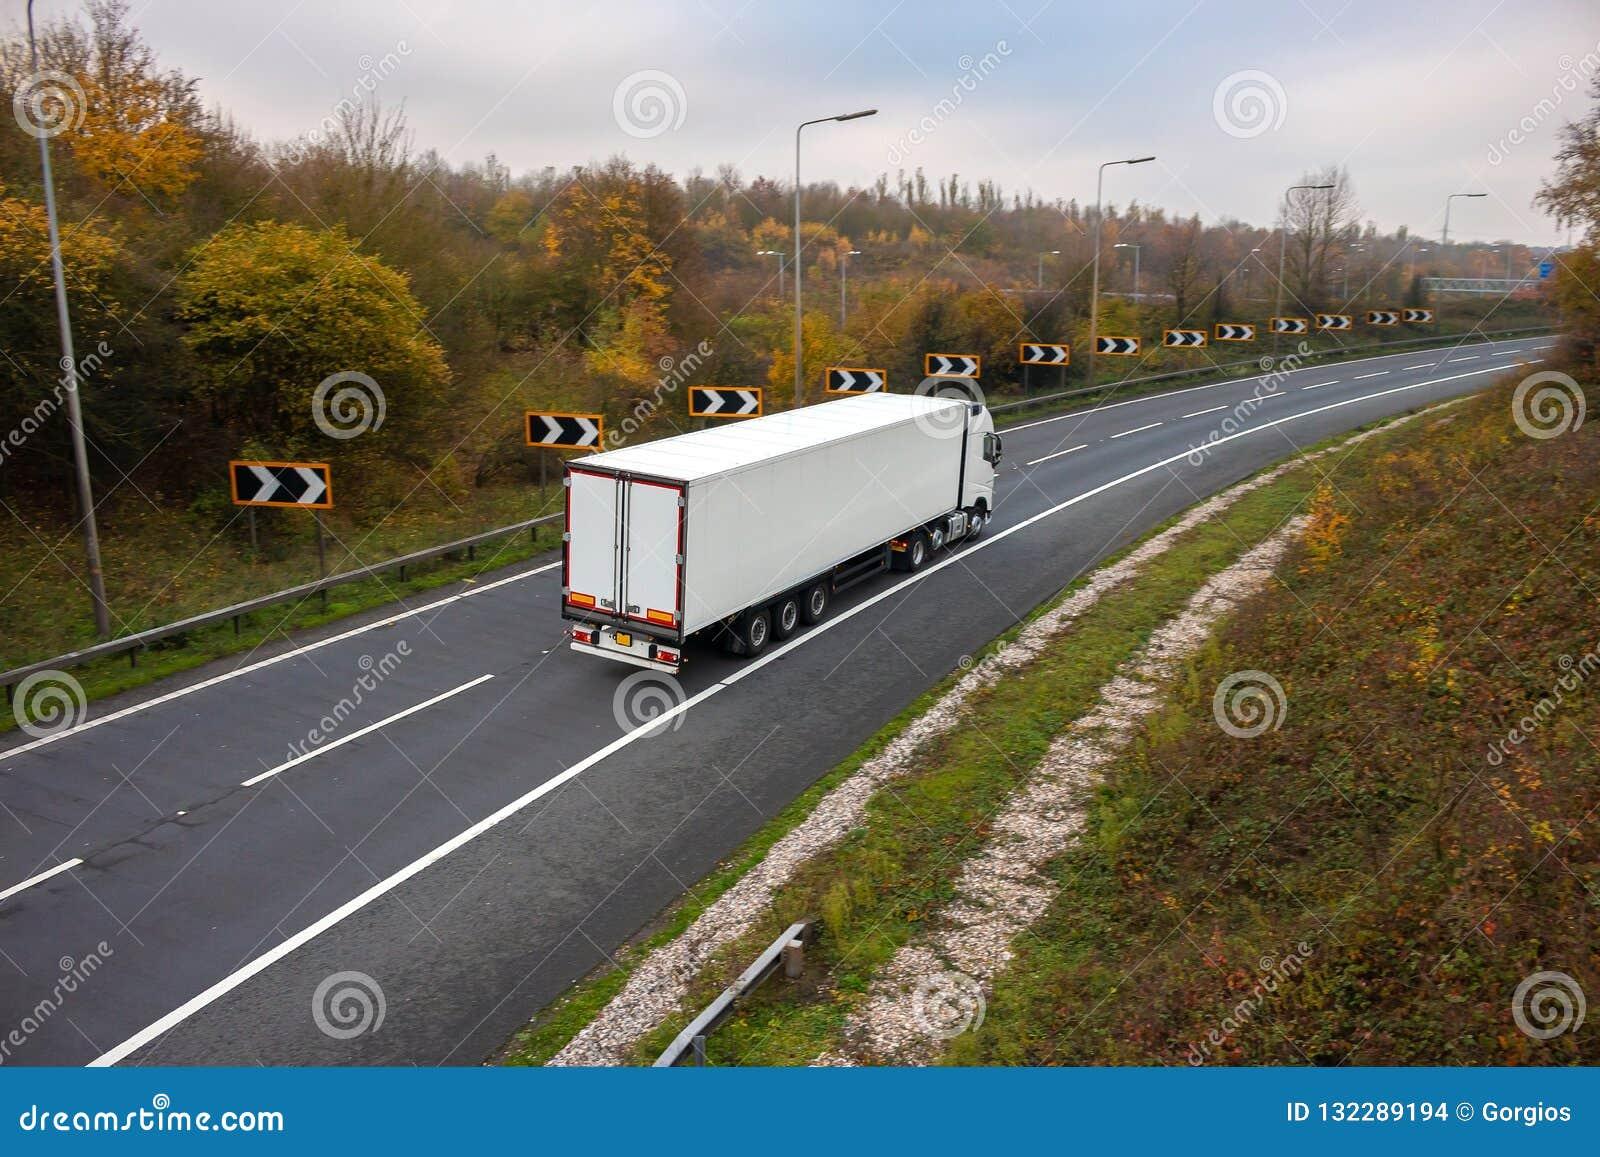 Transporte rodoviário Caminhão articulado na estrada